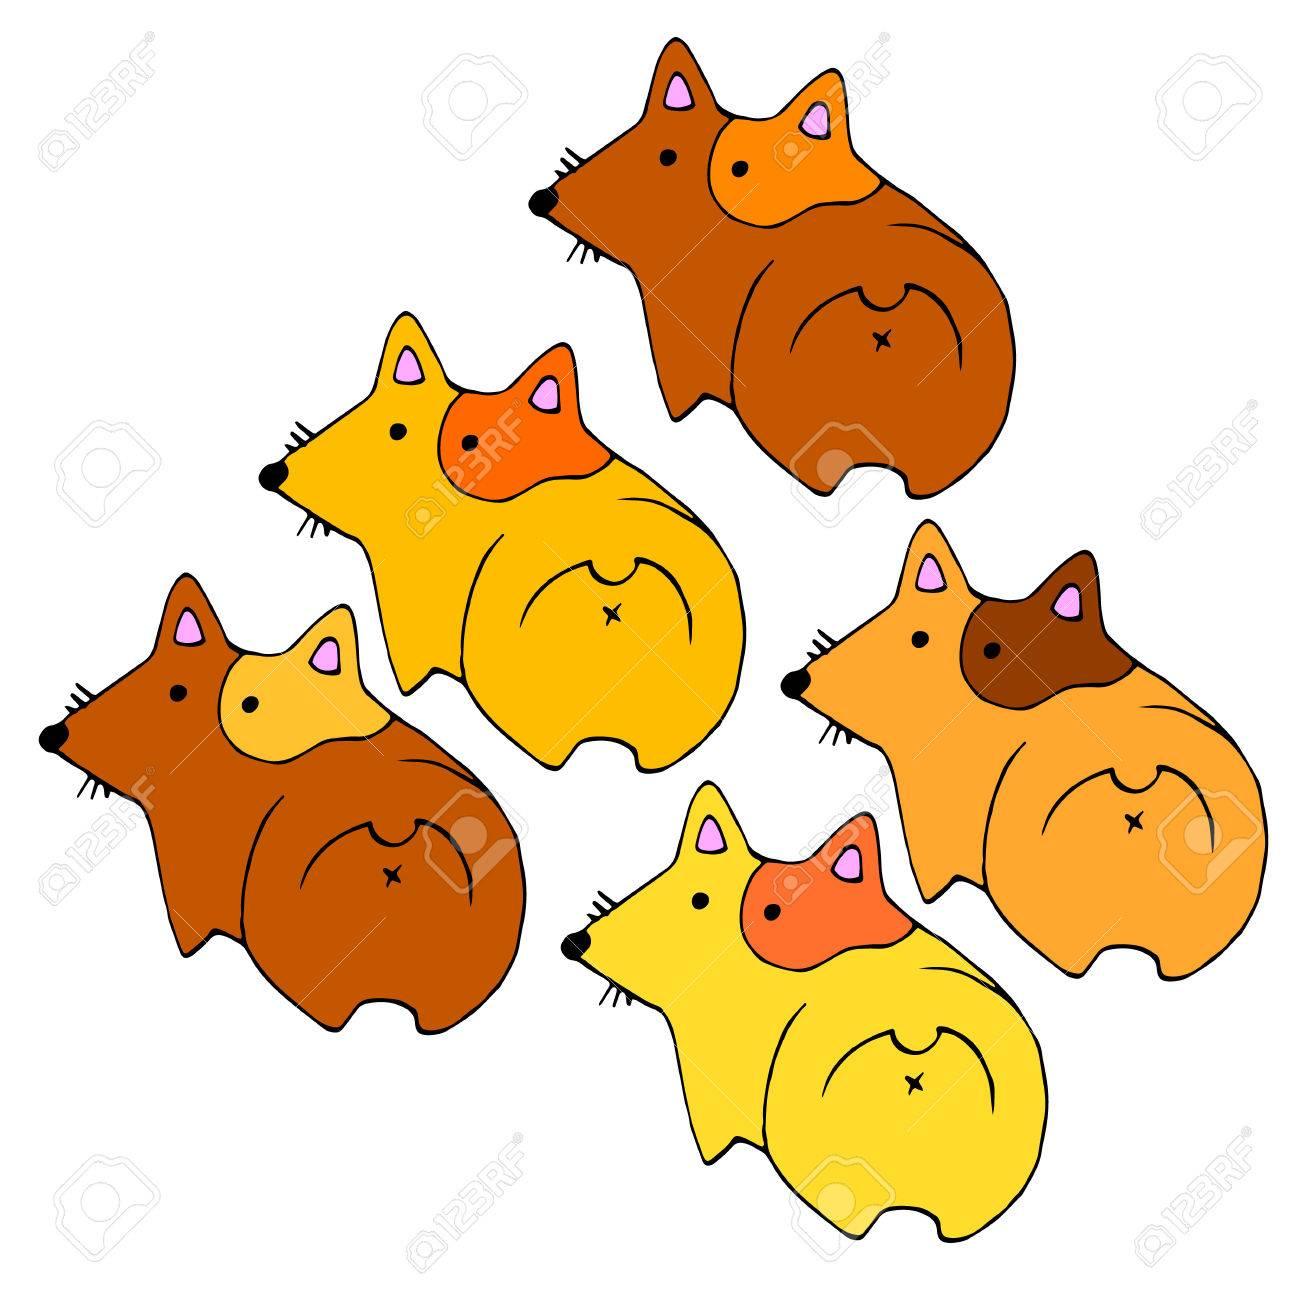 ウェールズ犬動物イラスト ペット耳のベクトル ロイヤリティフリー